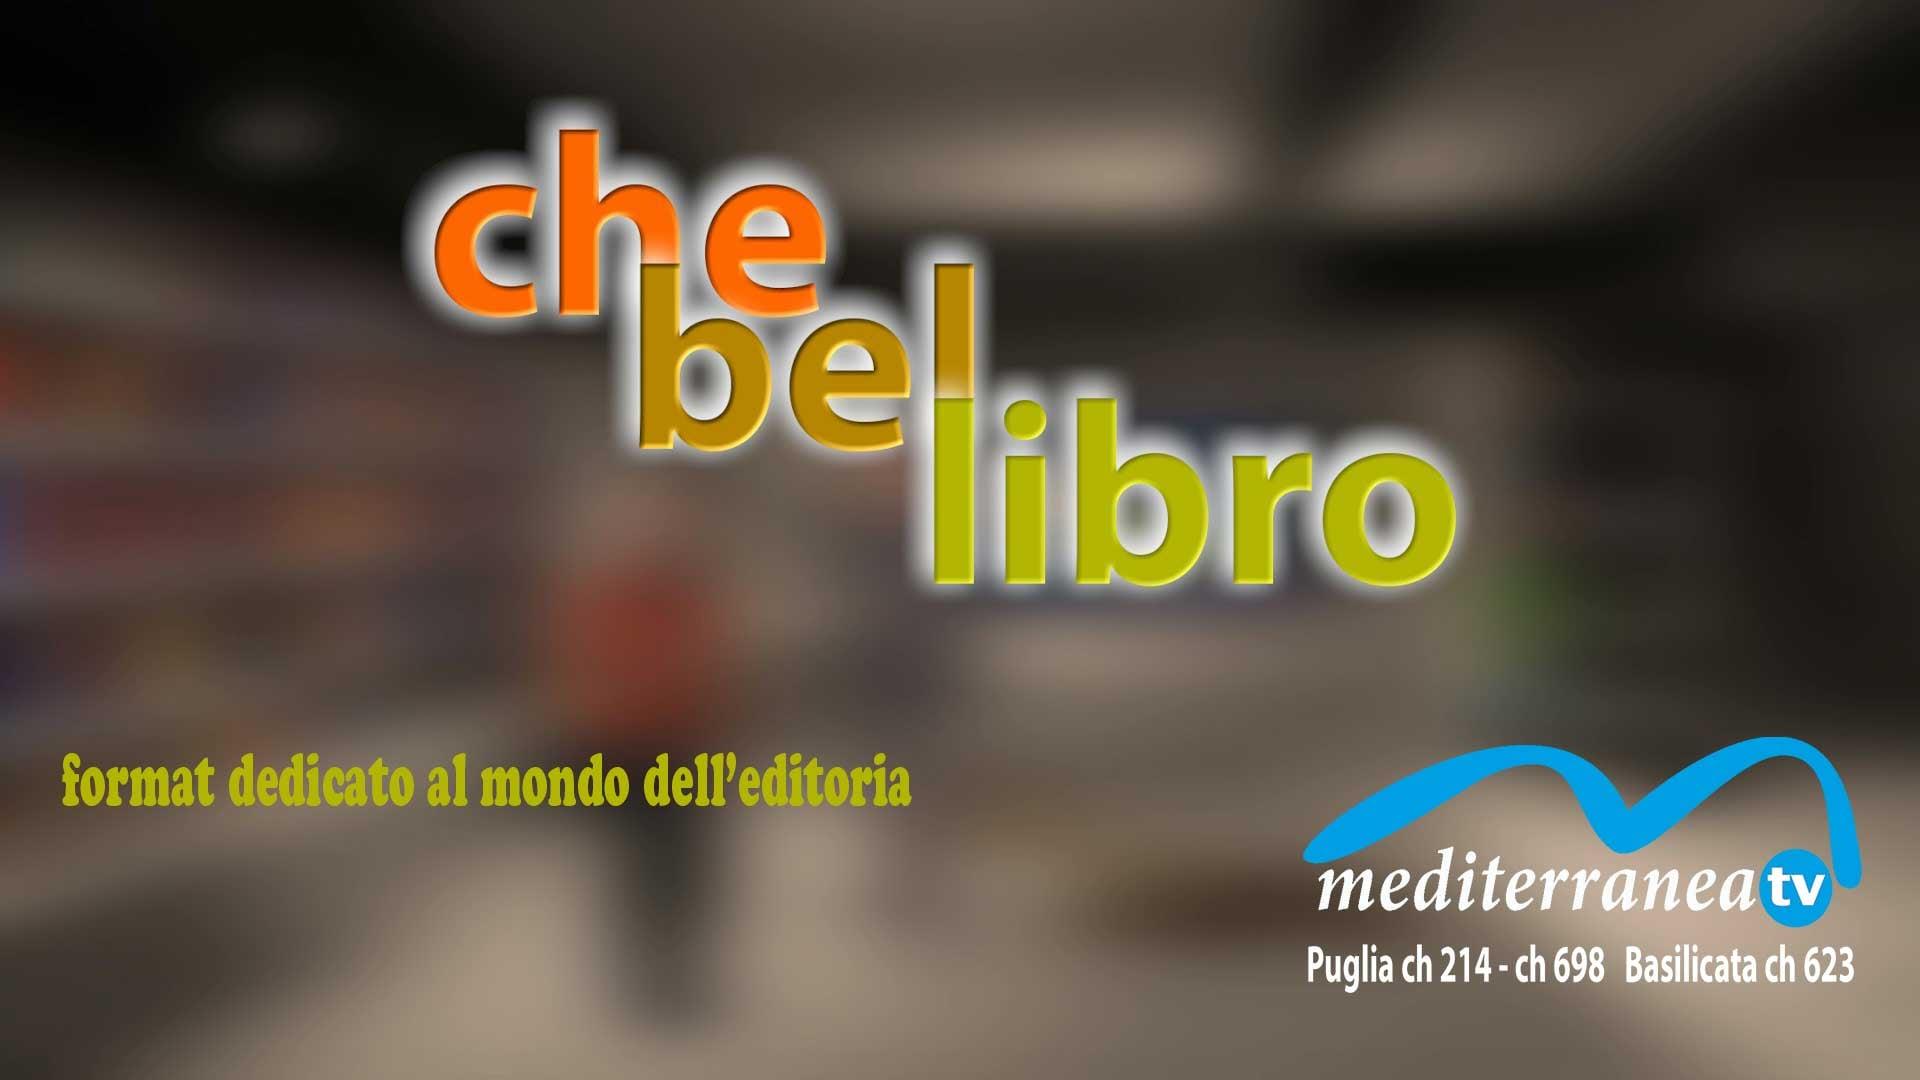 CHE BEL LIBRO format dedicato al mondo dell'editoria